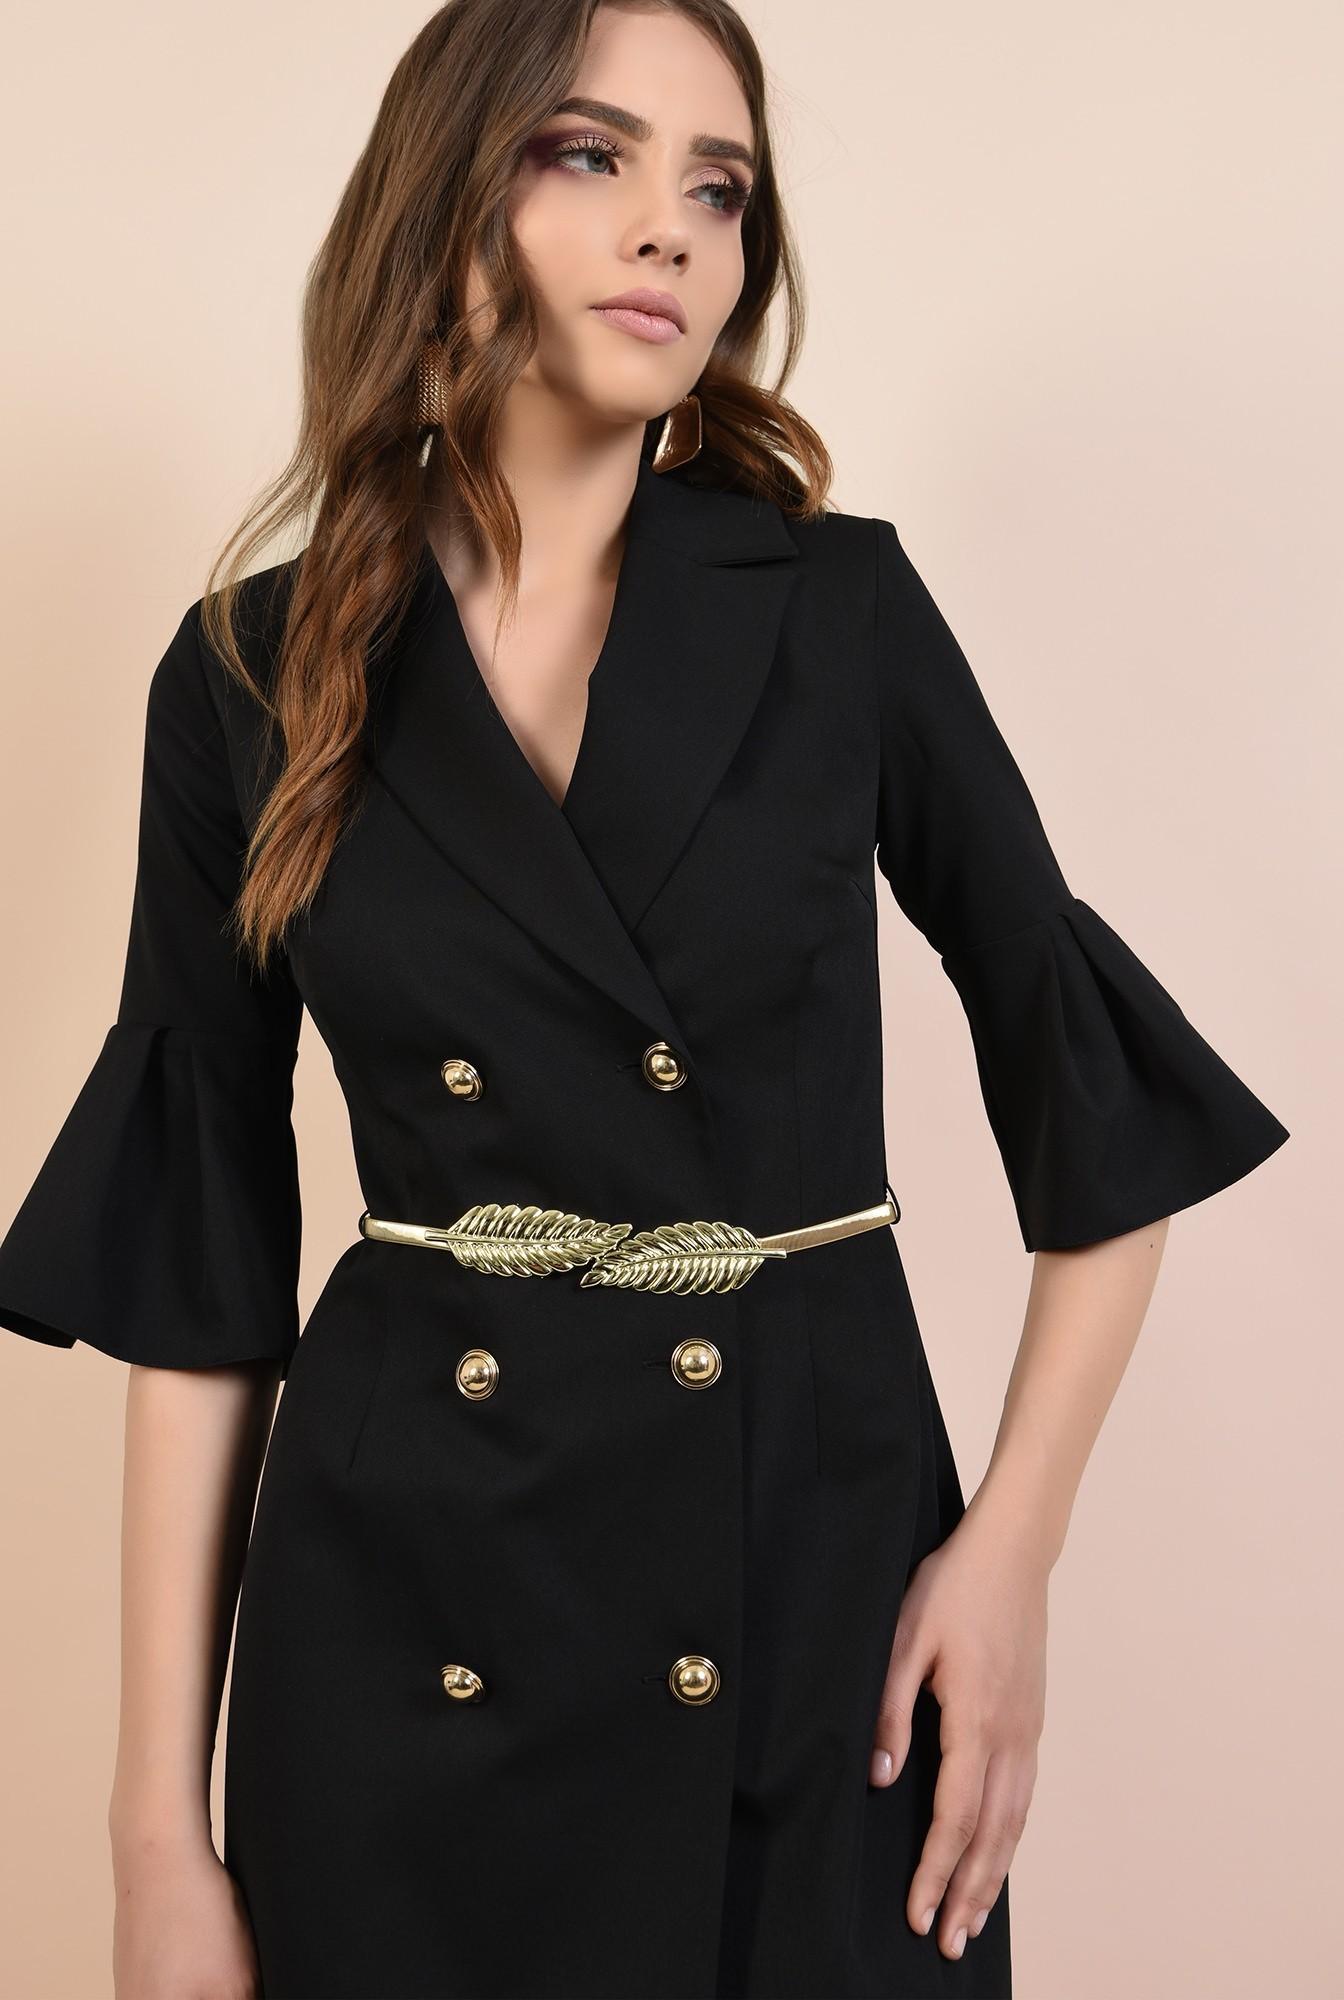 2 - rochie de seara, mini, neagra, maneci peplum, revere crestate